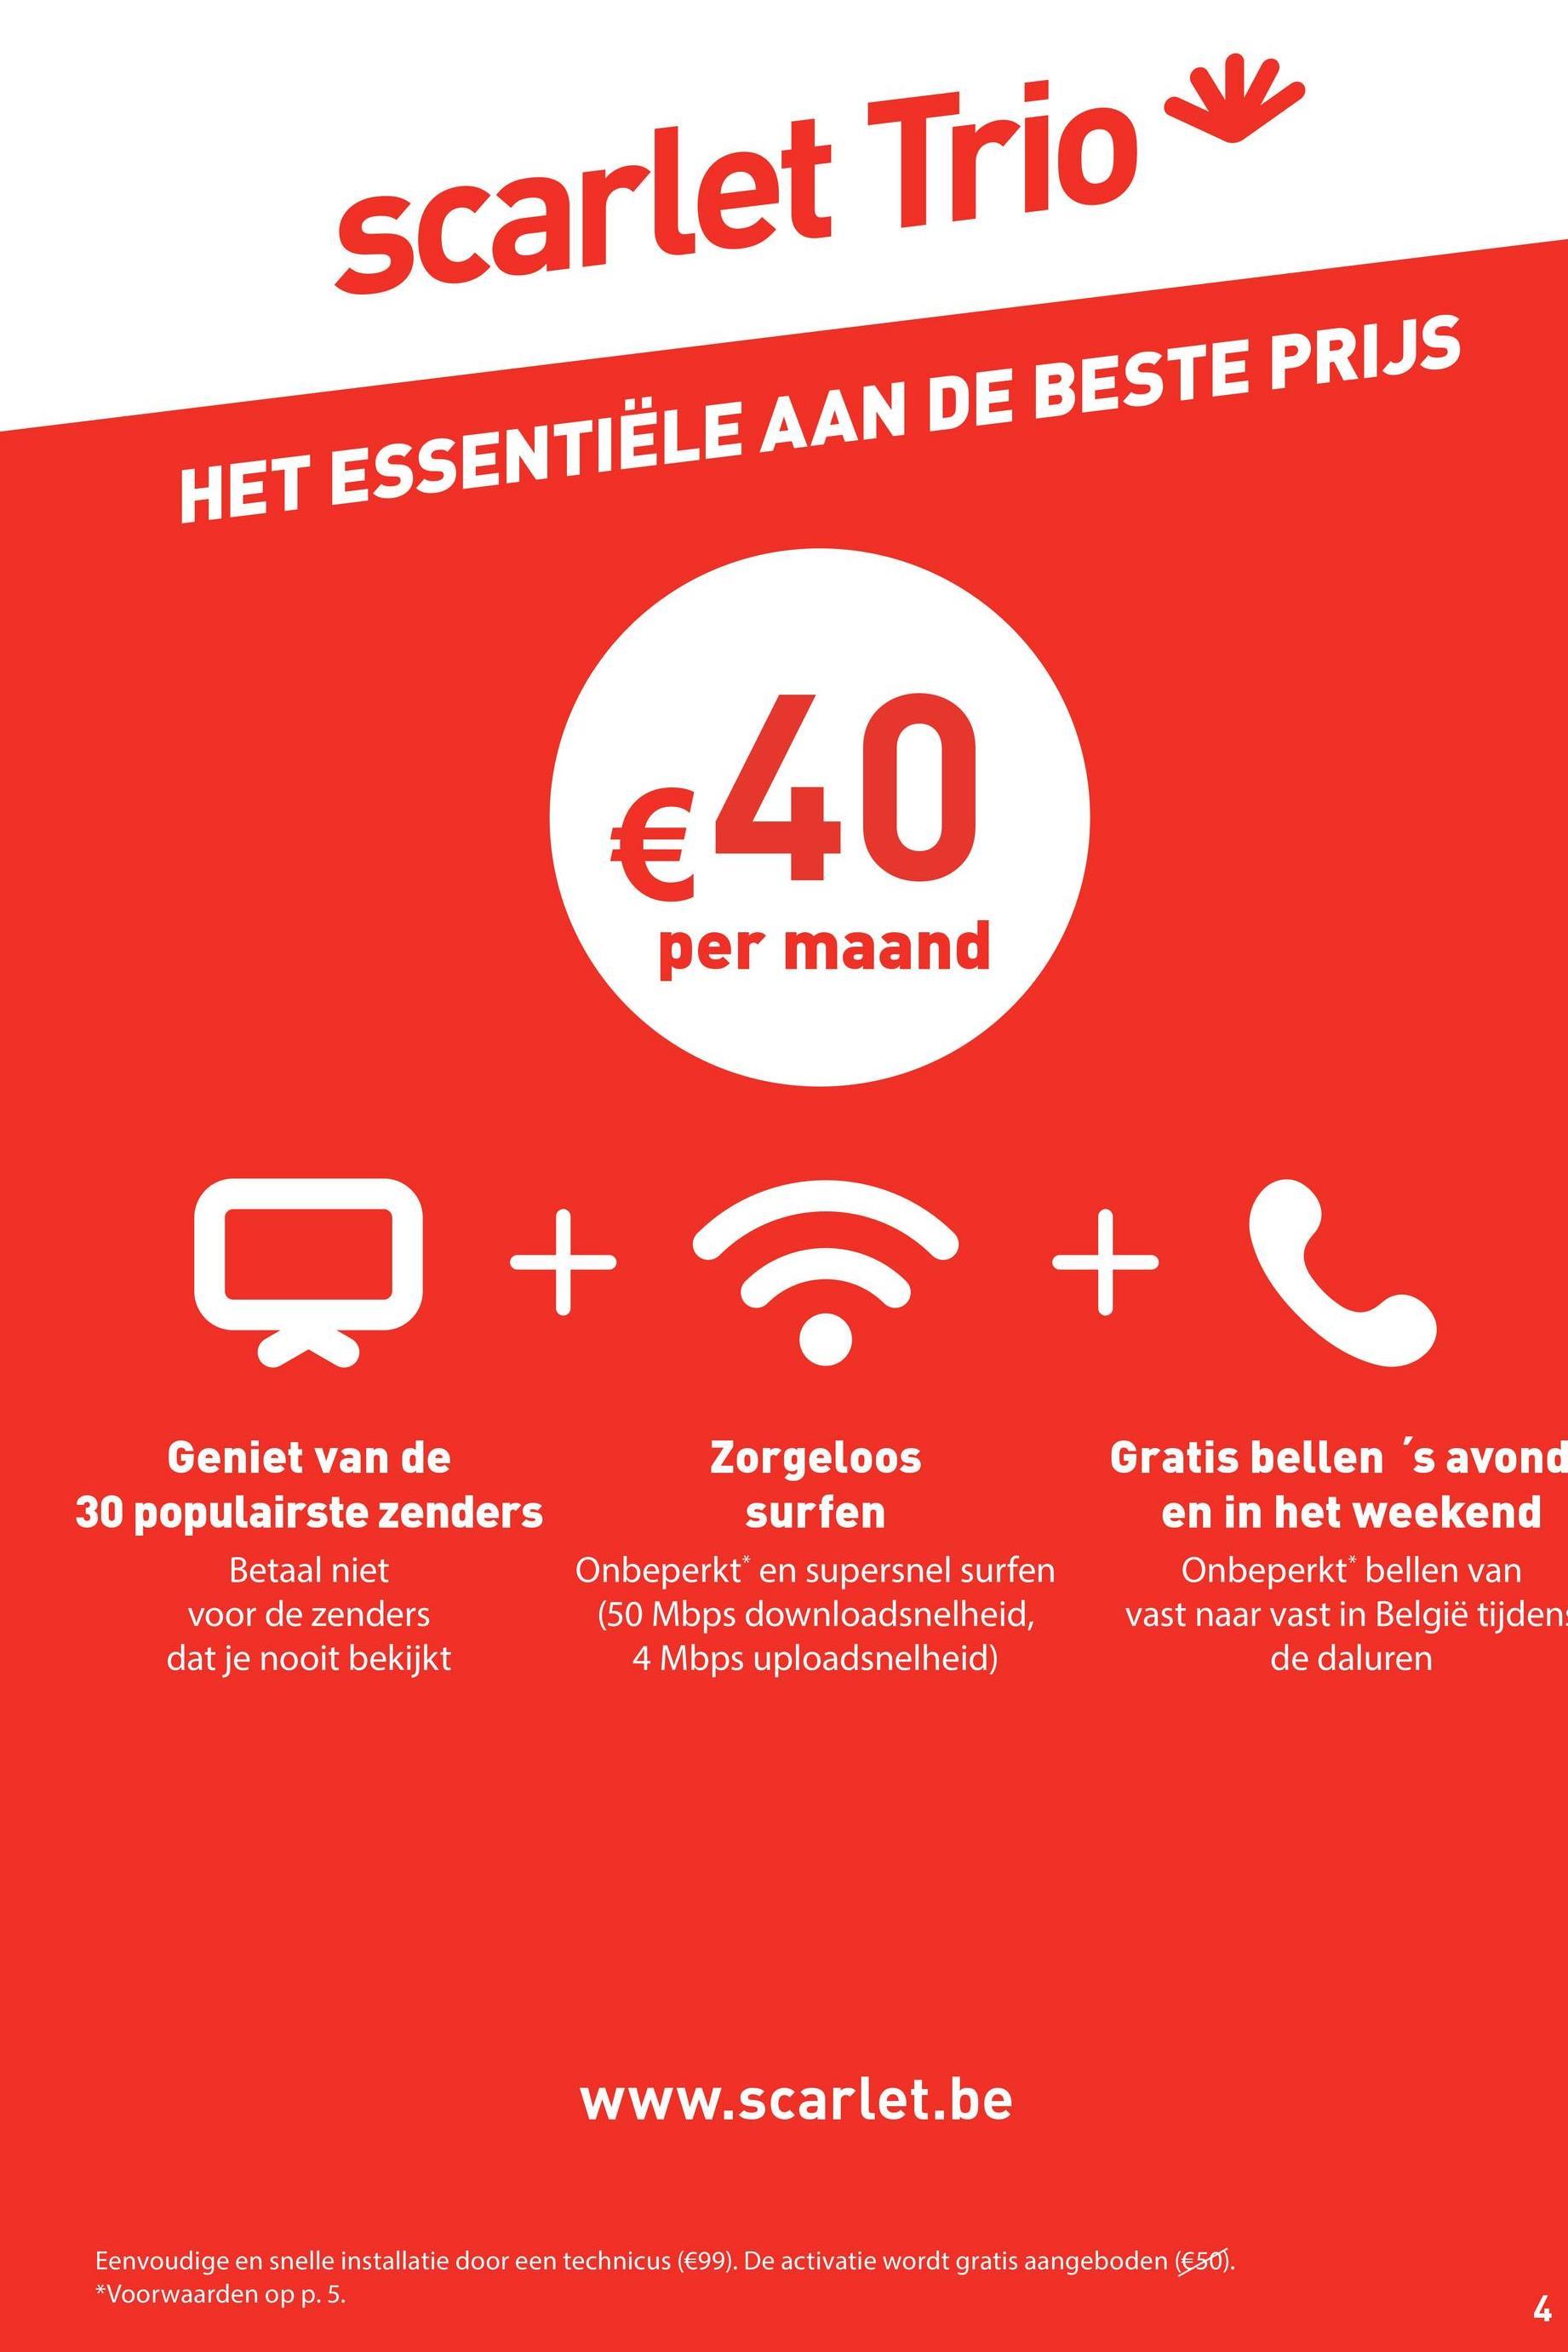 scarlet Trio v HET ESSENTIËLE AAN DE BESTE PRIJS €40 per maand Q + +C Geniet van de 30 populairste zenders Betaal niet voor de zenders dat je nooit bekijkt Zorgeloos surfen Onbeperkt en supersnel surfen (50 Mbps downloadsnelheid, 4 Mbps uploadsnelheid) Gratis bellen 's avond en in het weekend Onbeperkt* bellen van vast naar vast in België tijden: de daluren www.scarlet.be Eenvoudige en snelle installatie door een technicus (€99). De activatie wordt gratis aangeboden (€50). *Voorwaarden op p. 5.